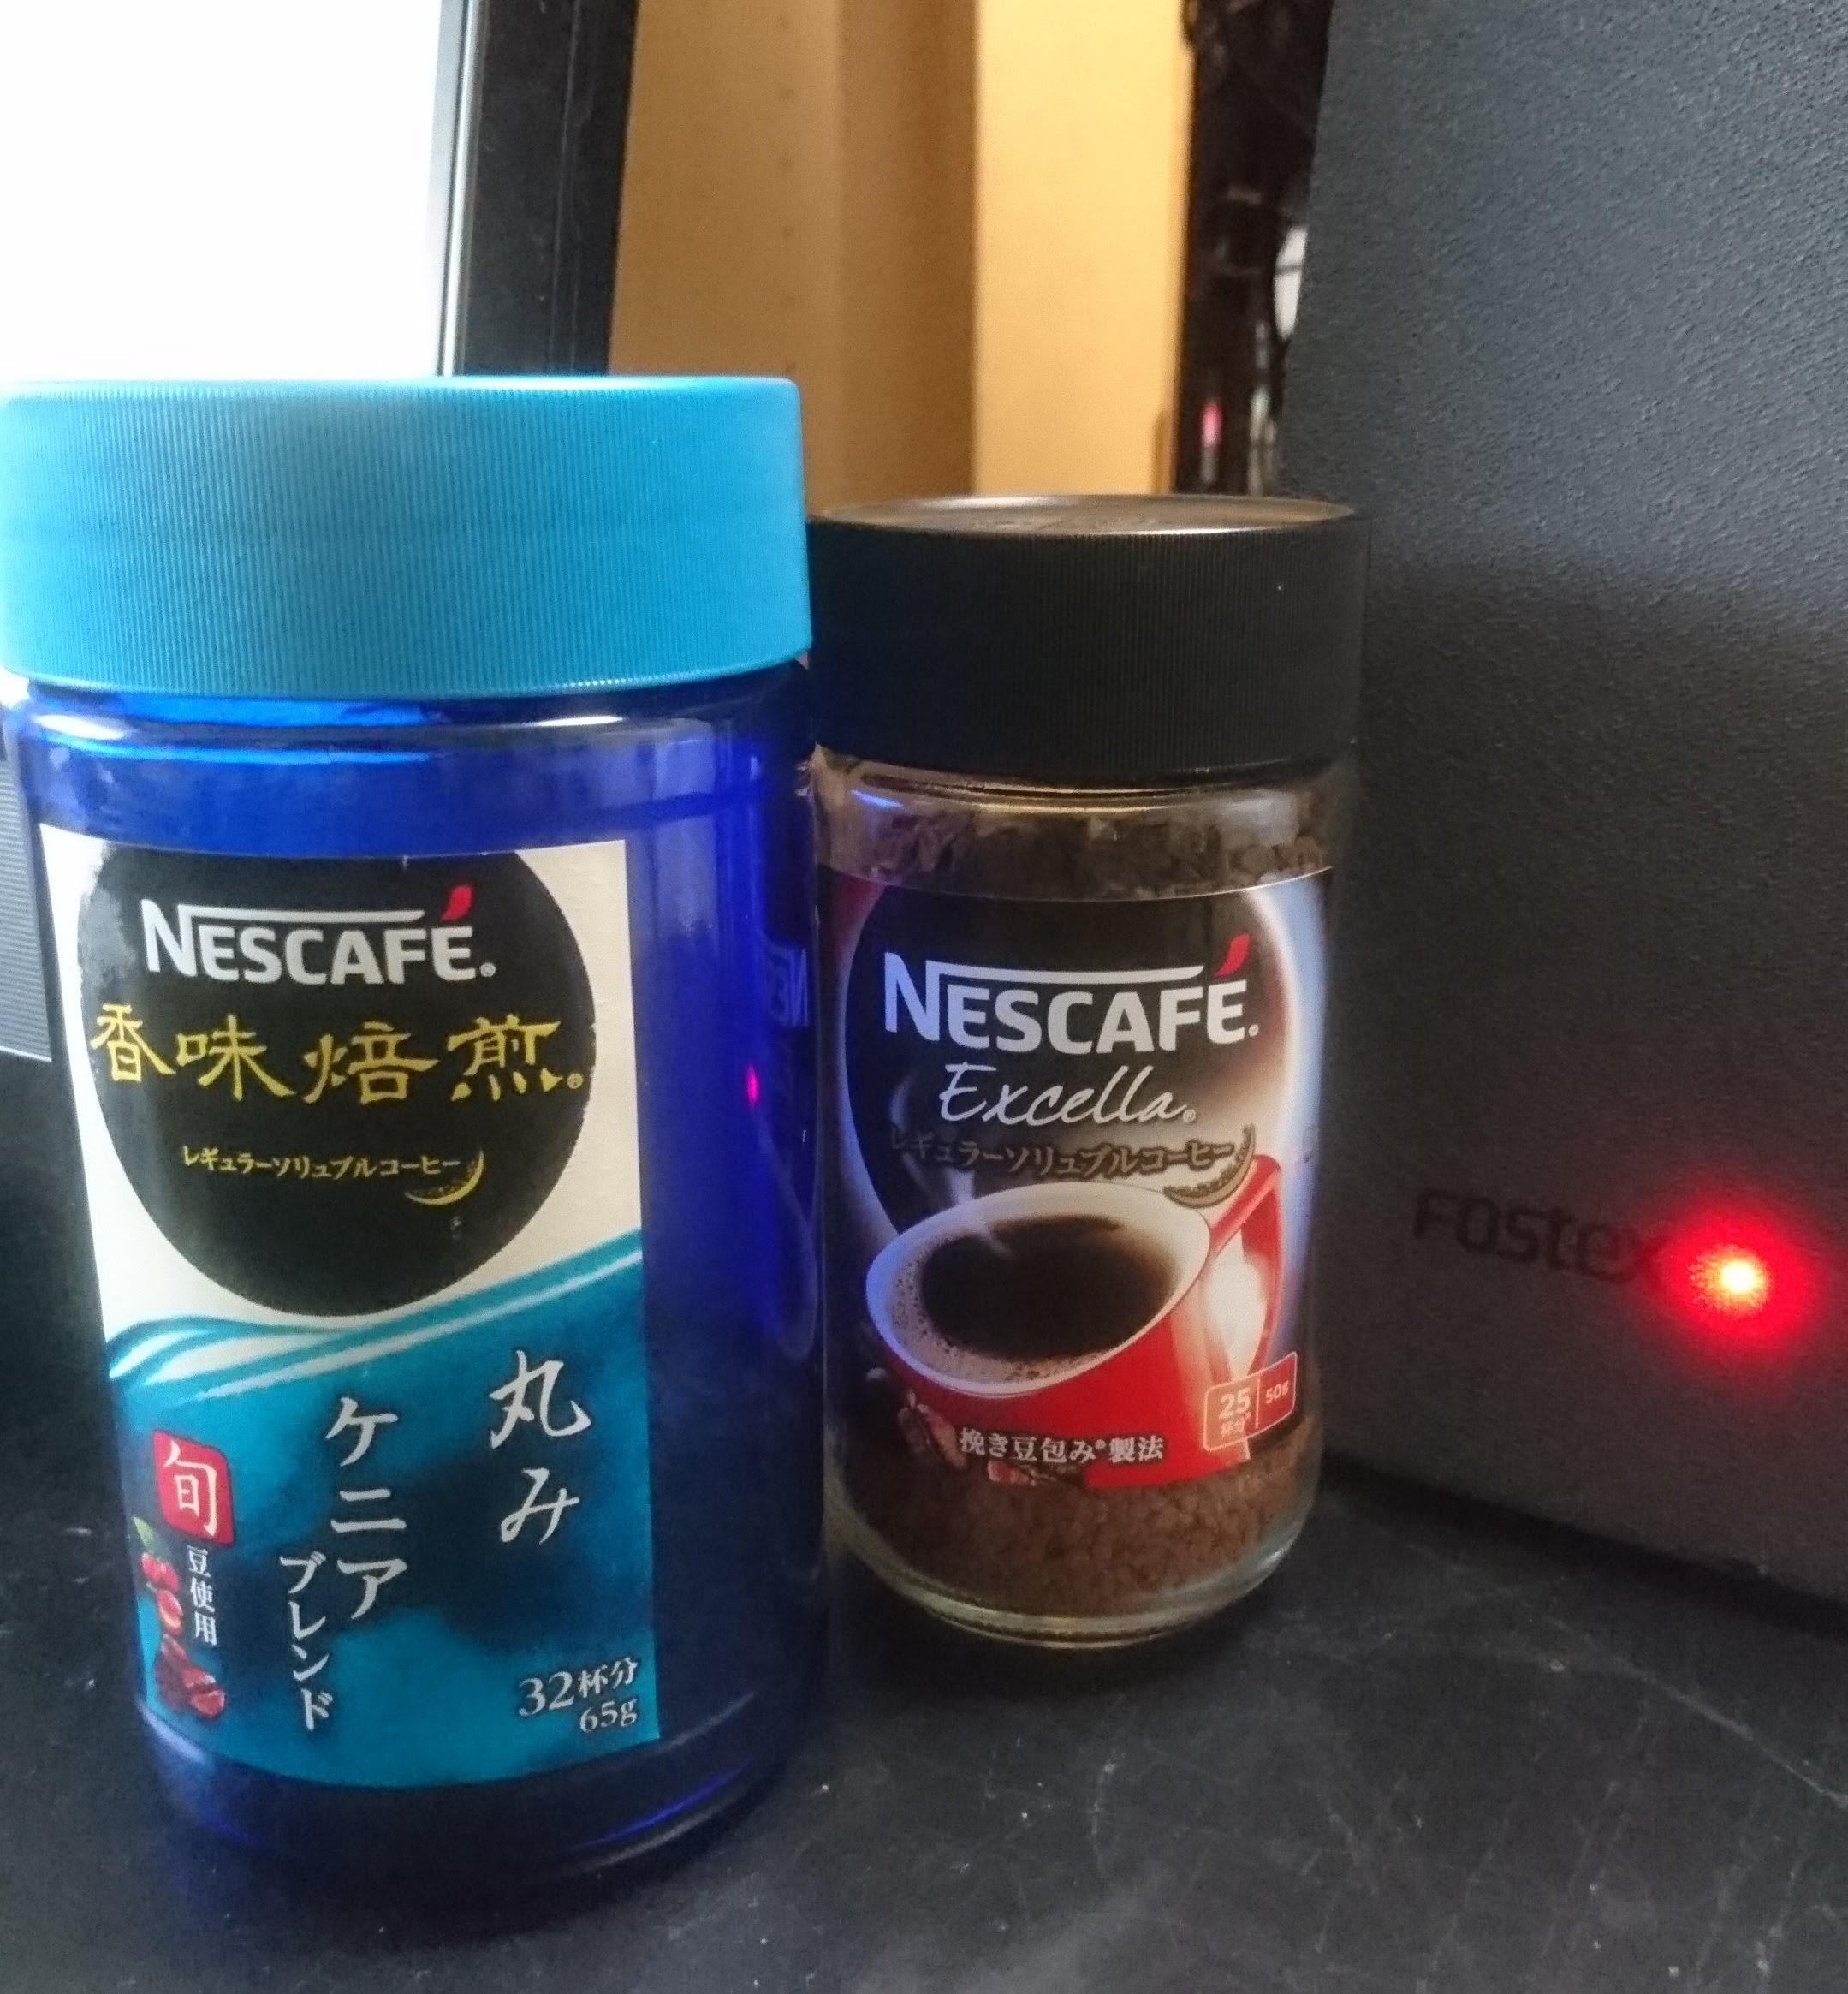 「おこだわり人」なので飲むインスタントコーヒーは「香味焙煎 丸み ケニアブレンド」。